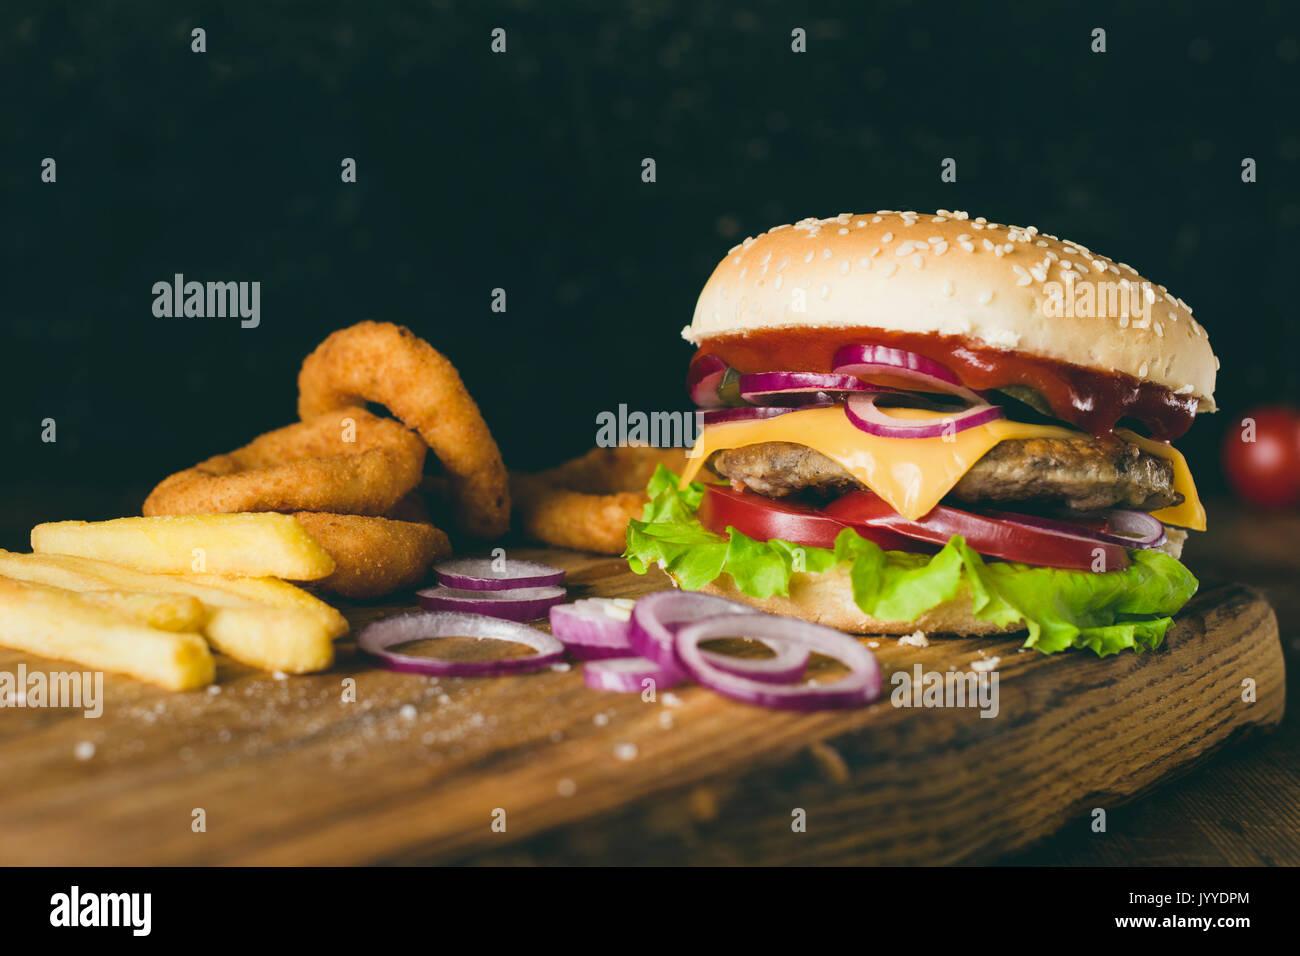 Cheeseburger, frites et oignons sur planche à découper en bois sur fond de bois. Vue rapprochée, selective focus. Concept de restauration rapide Photo Stock